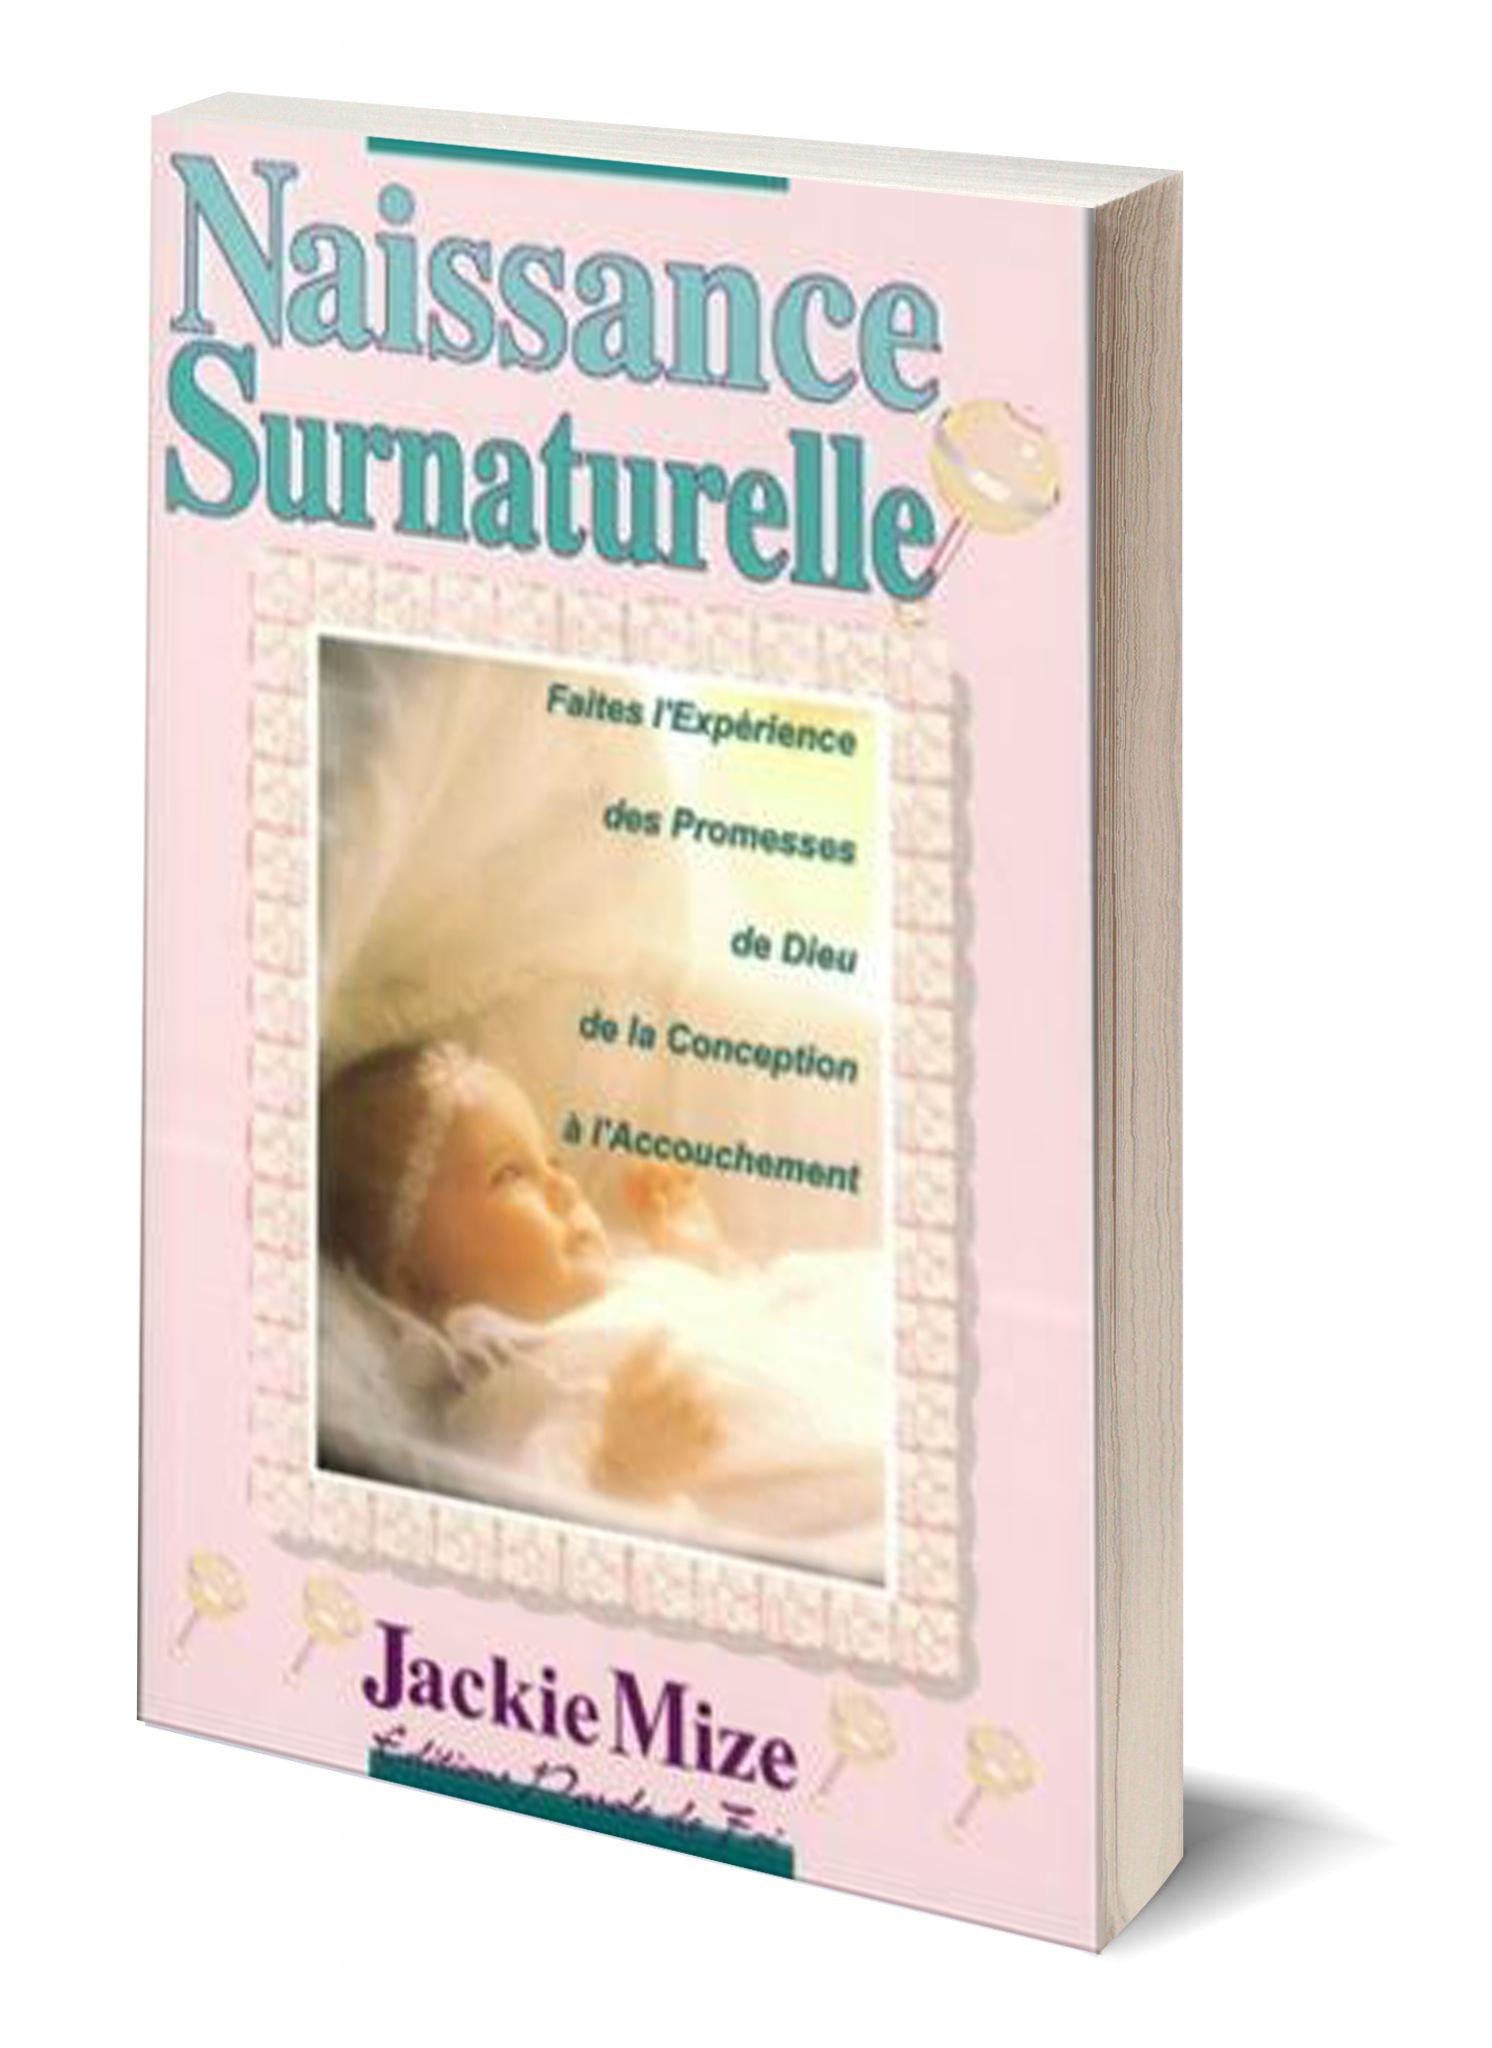 Naissance Surnaturelle - Jackie Mize